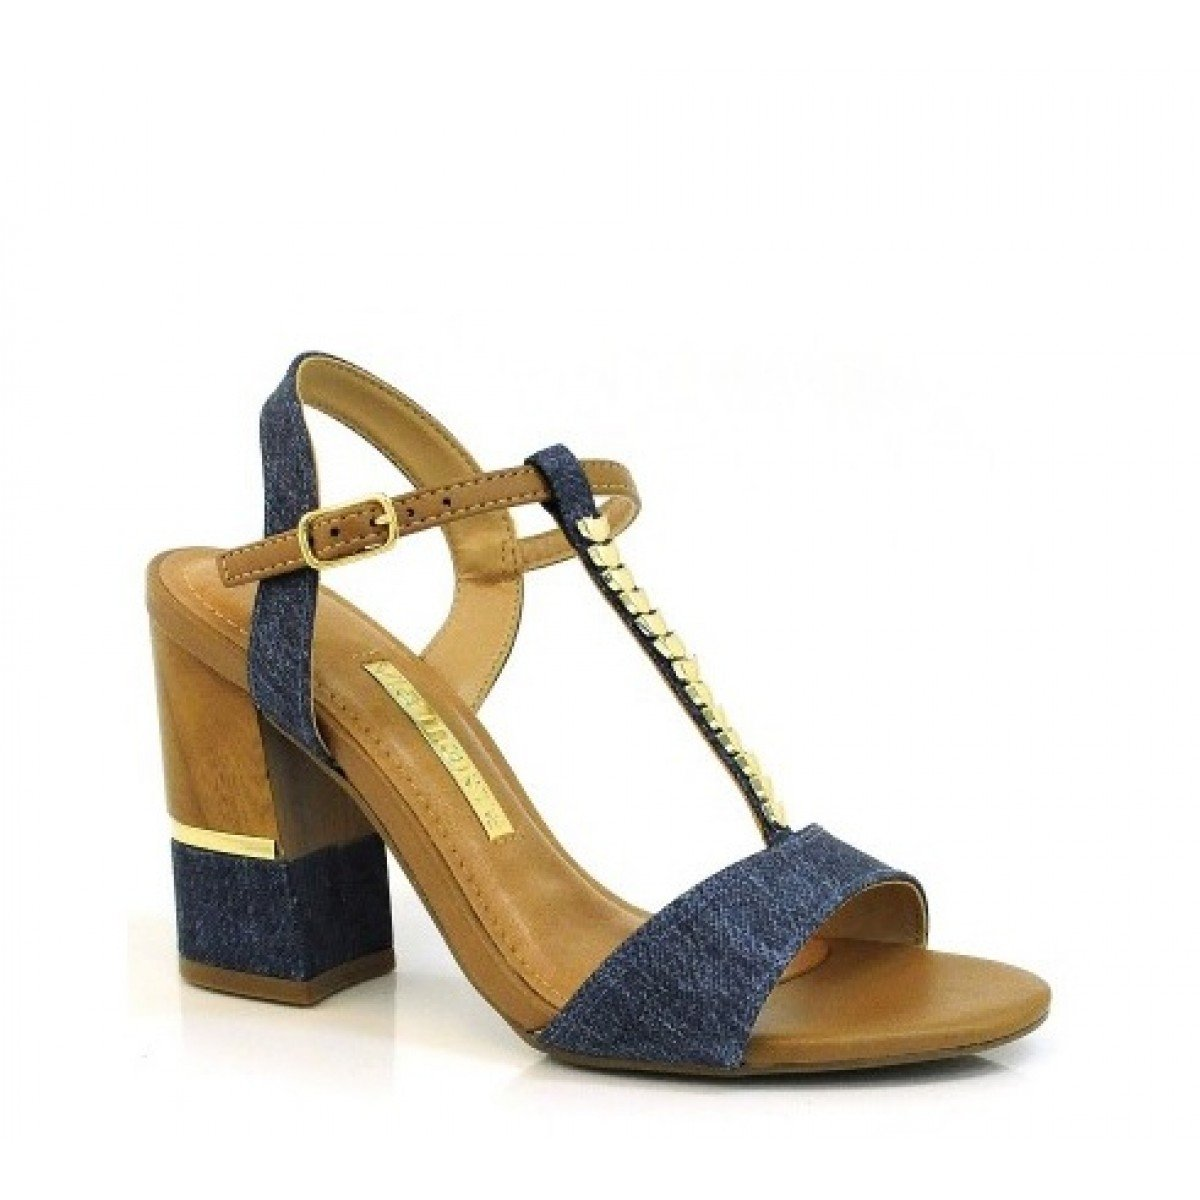 a33b991b87 Sandália Feminina Via Marte Salto Grosso Jeans Napa - Compre Agora ...